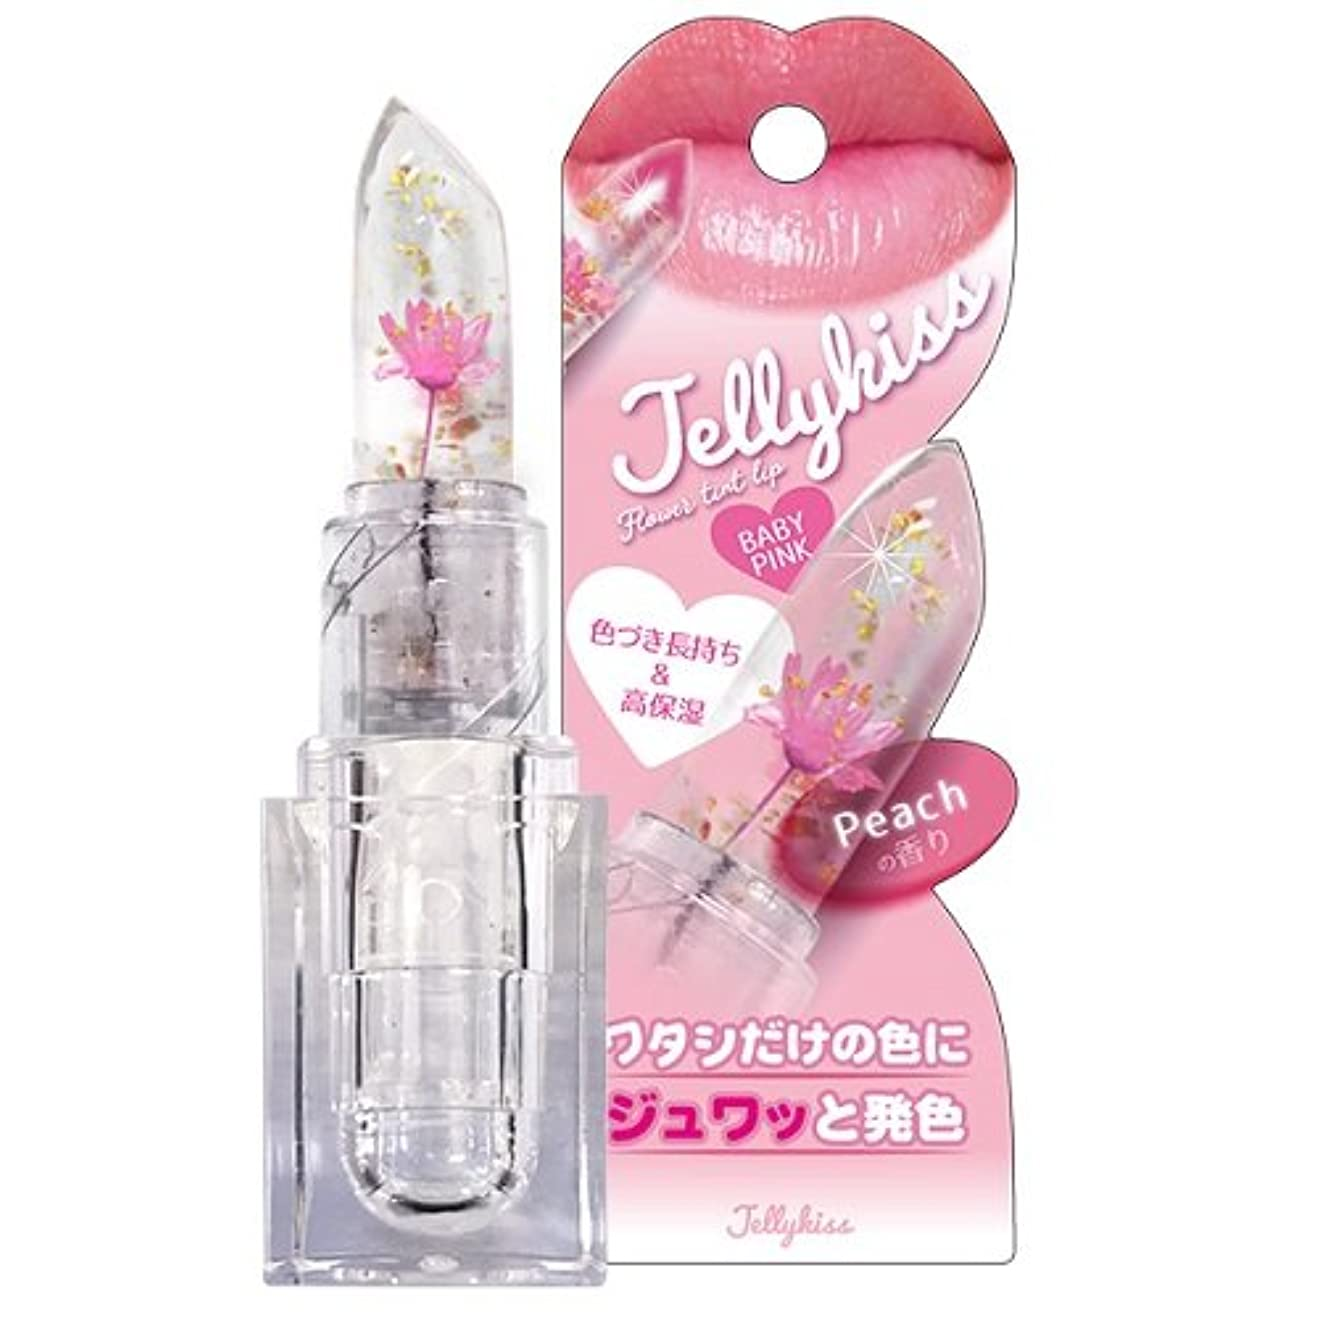 観光に行くジャンクジェリキス (Jelly kiss) 03 ベビーピンク 3.5g